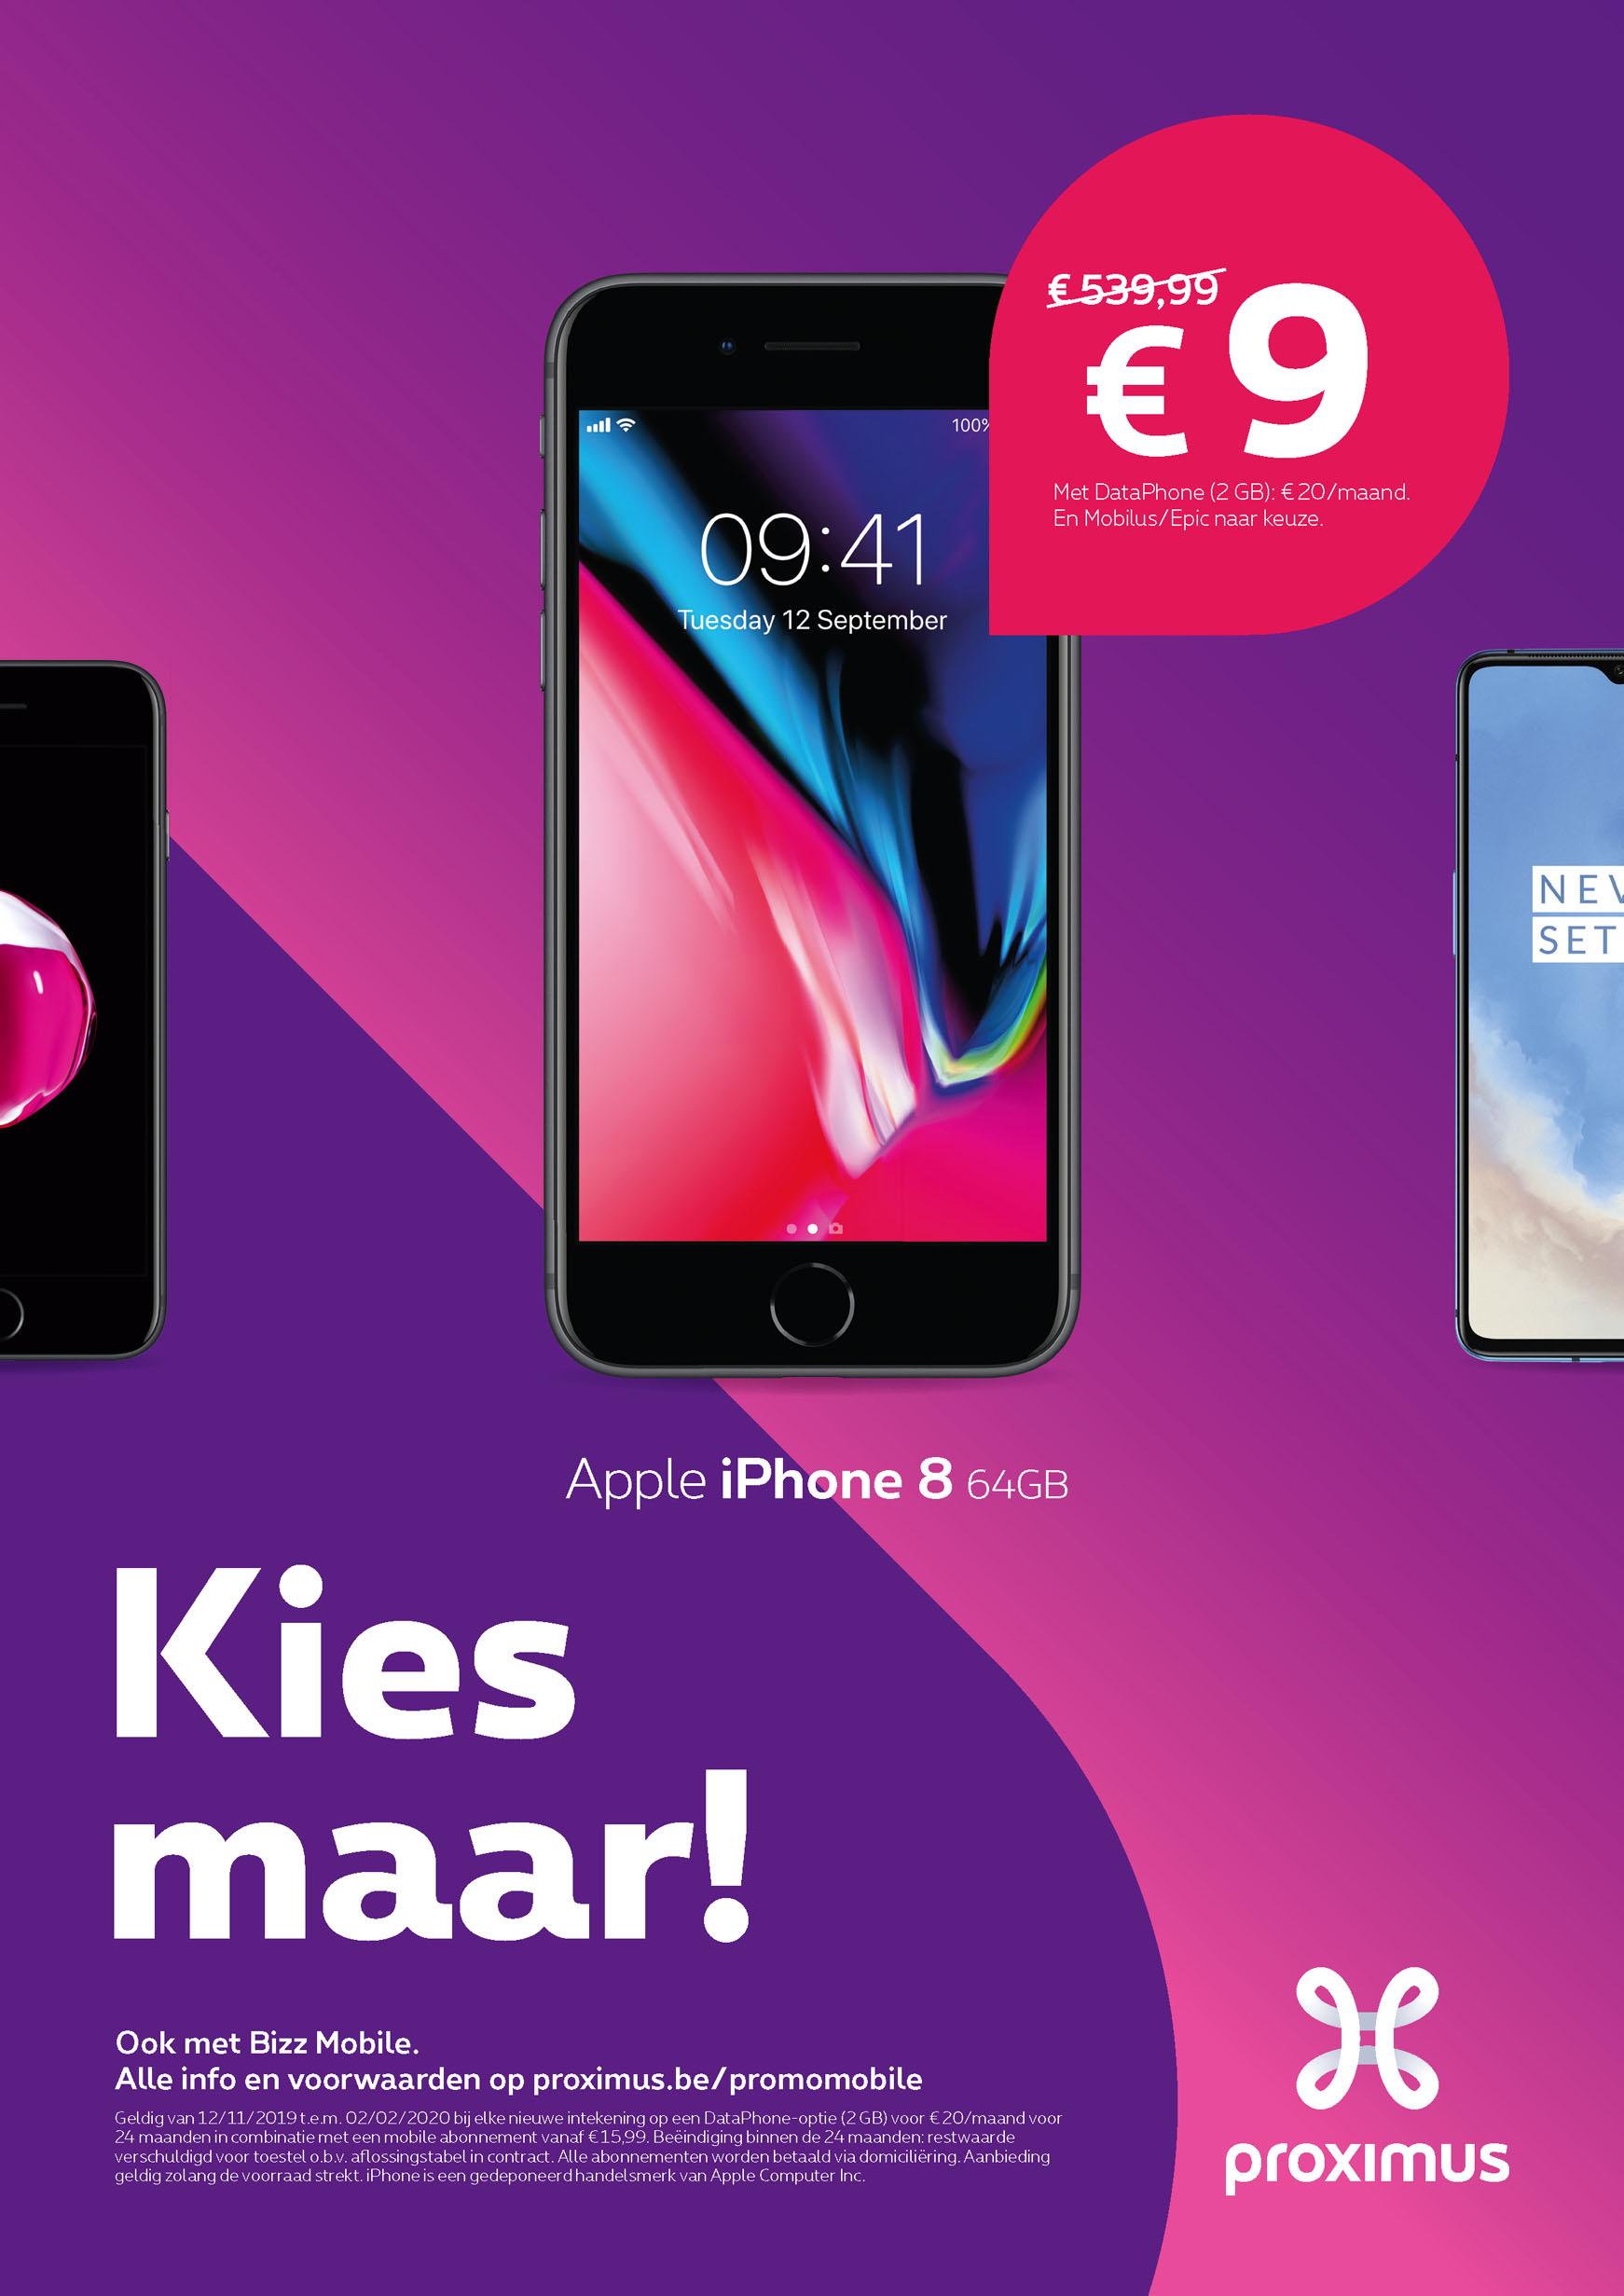 Promotions_JO_JO_Apple_iPhone_8_64GB_201